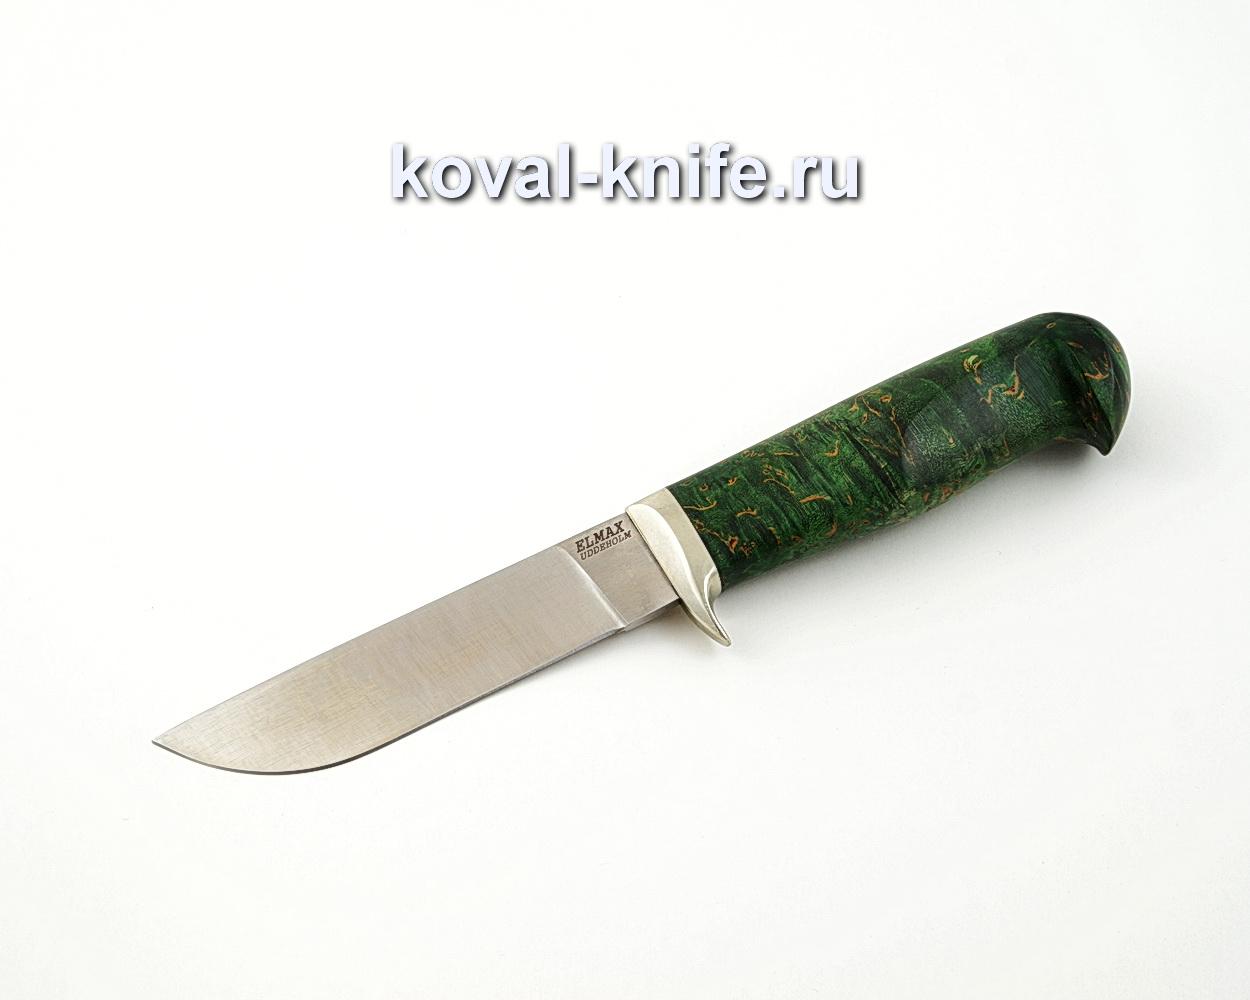 Нож Белка из порошковой стали Elmax с рукоятью из стабилизированной карельской березы, гарда мельхиор A560